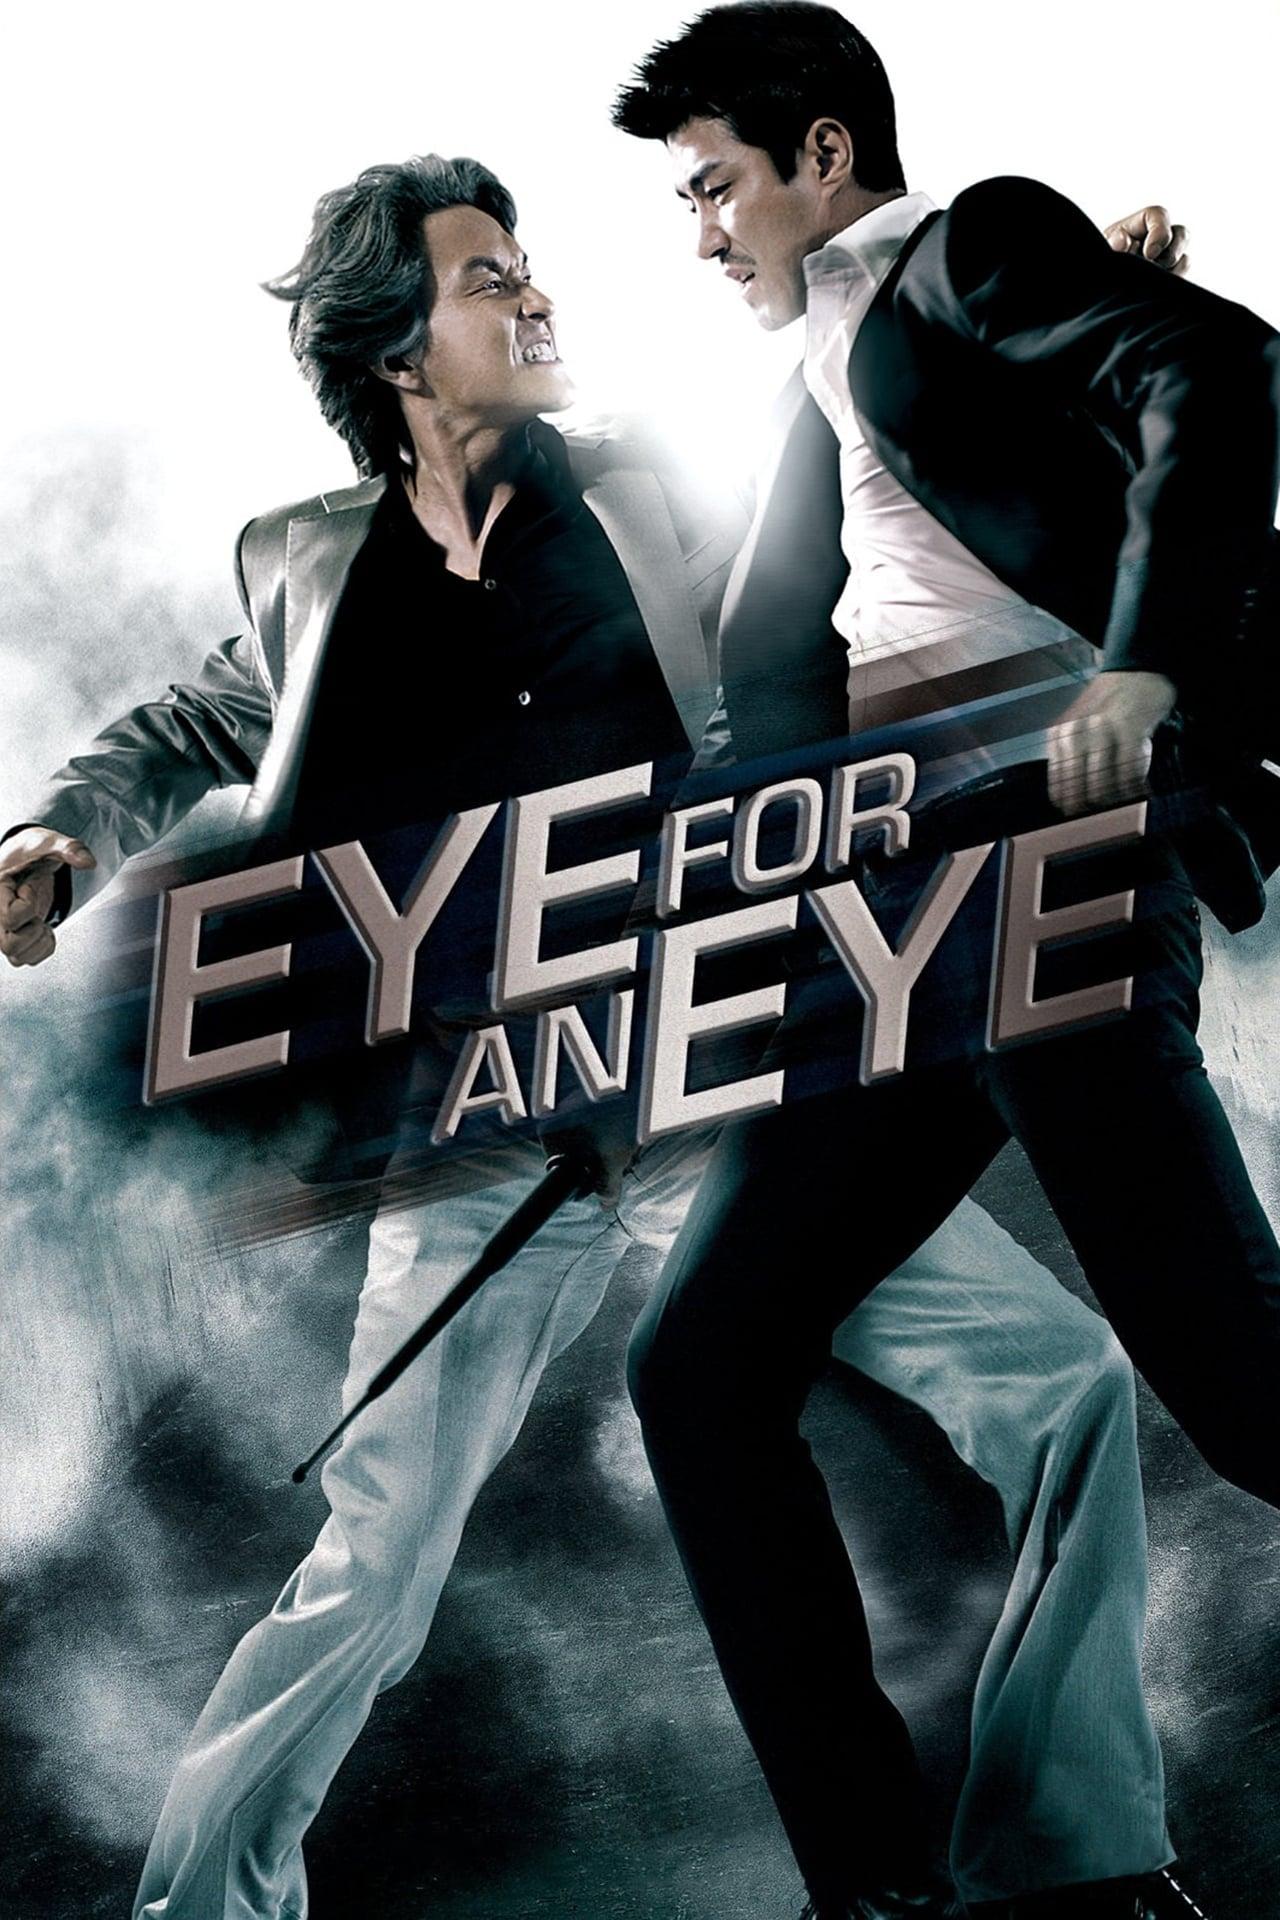 Eye For An Eye (2008)